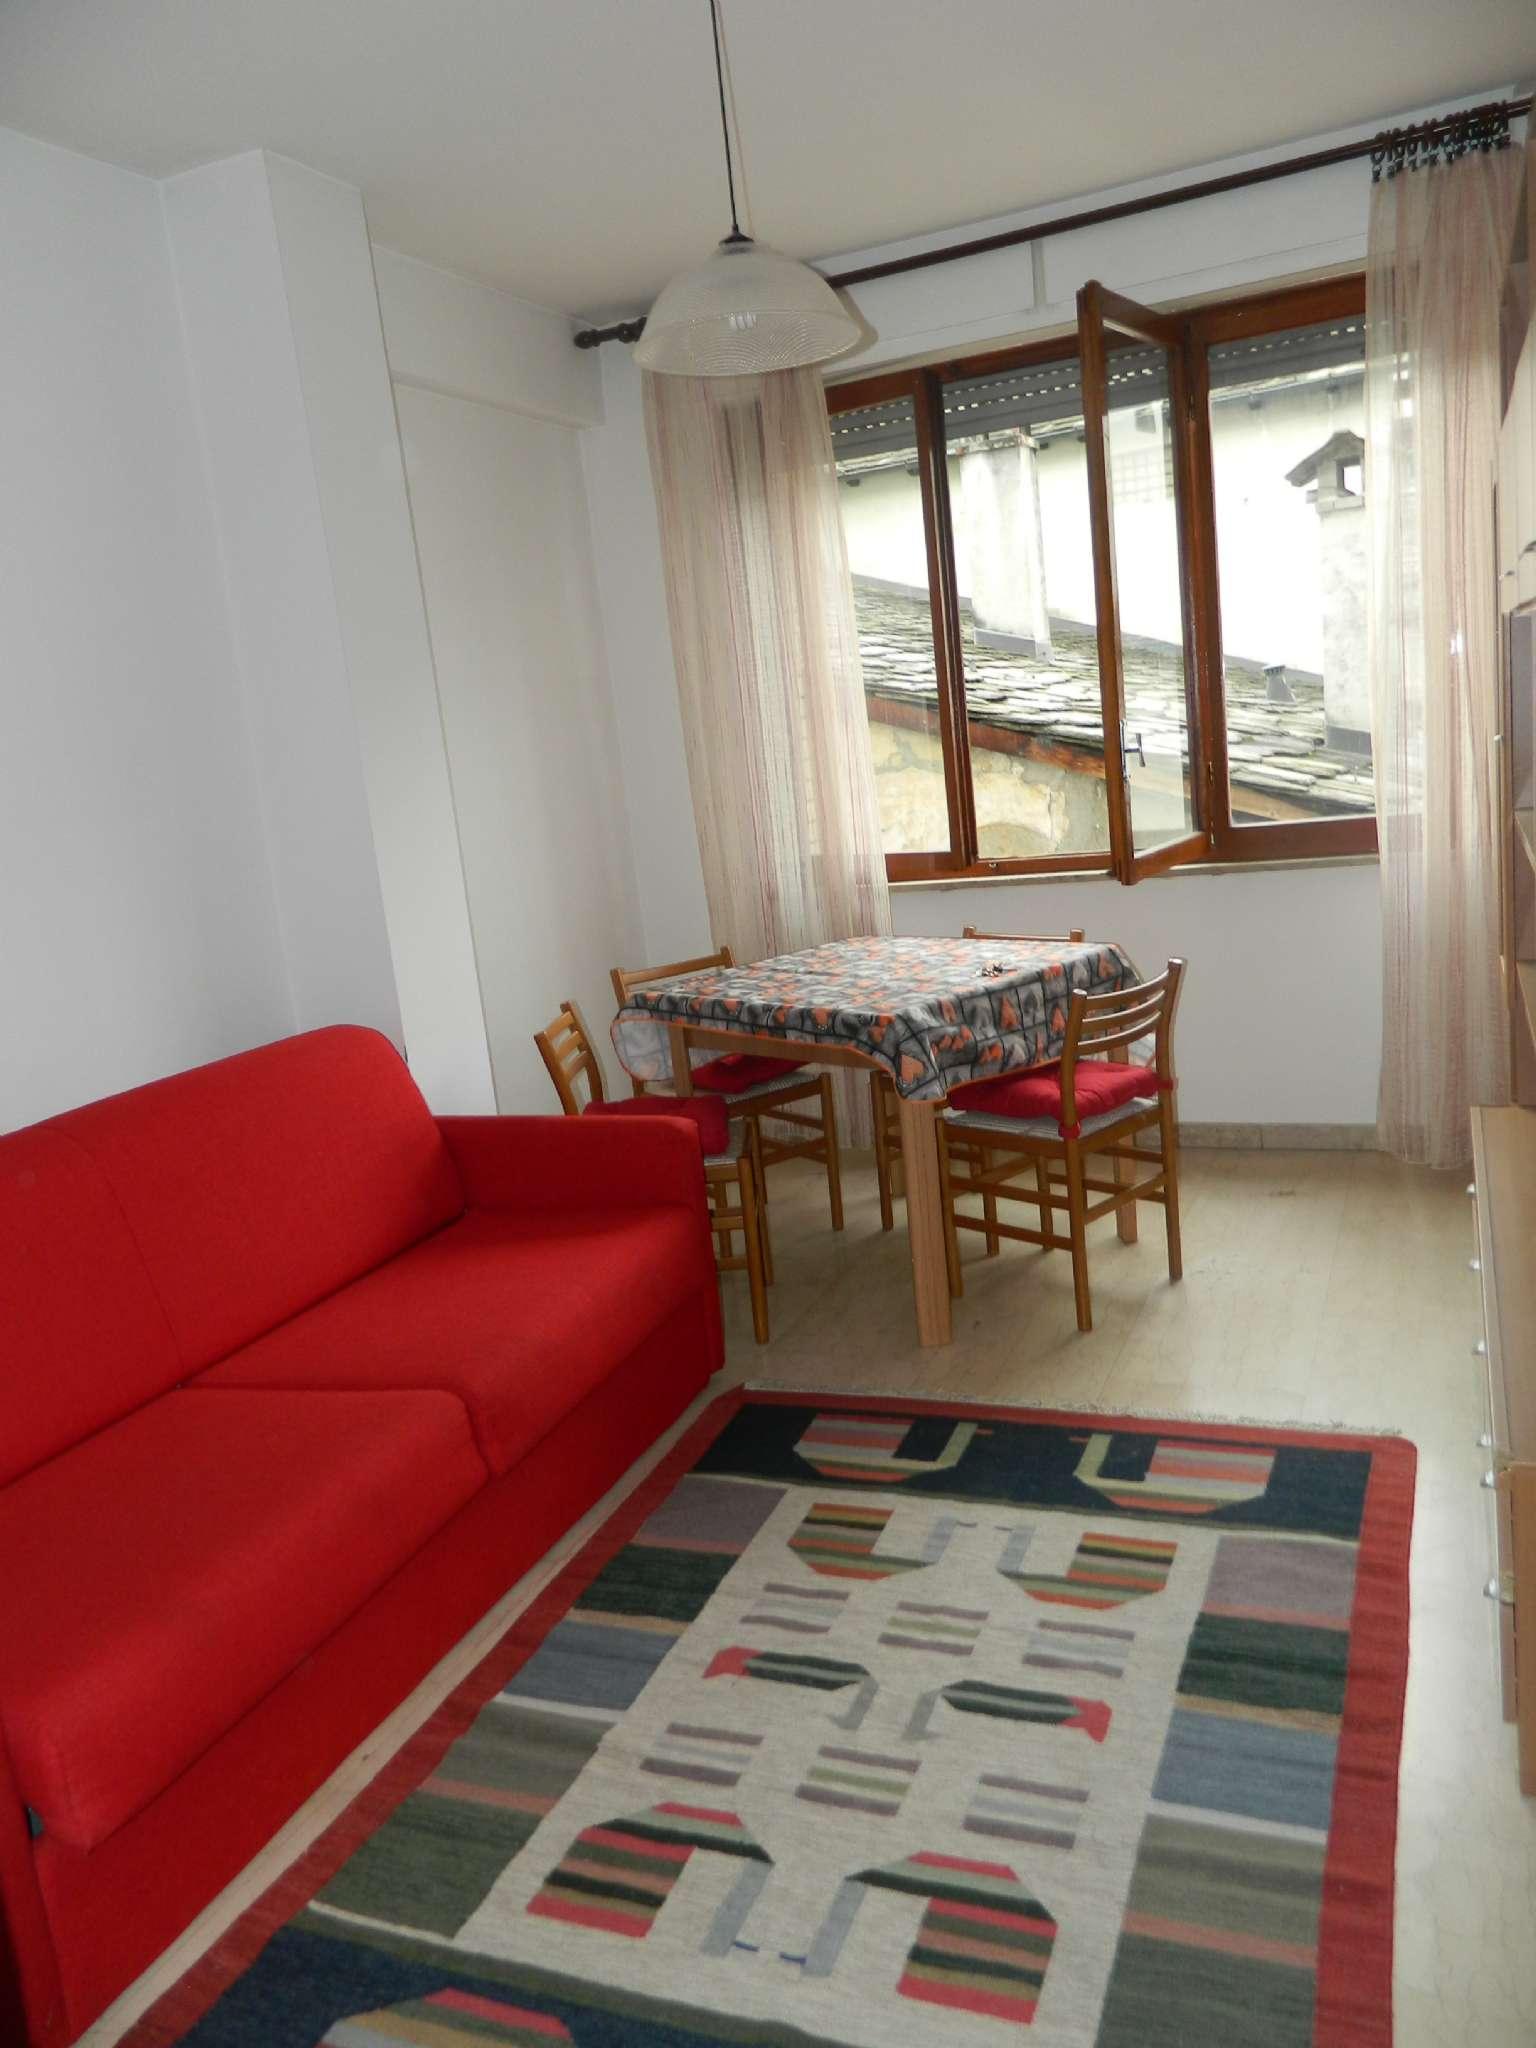 Appartamento in affitto a Sondrio, 1 locali, prezzo € 260 | CambioCasa.it